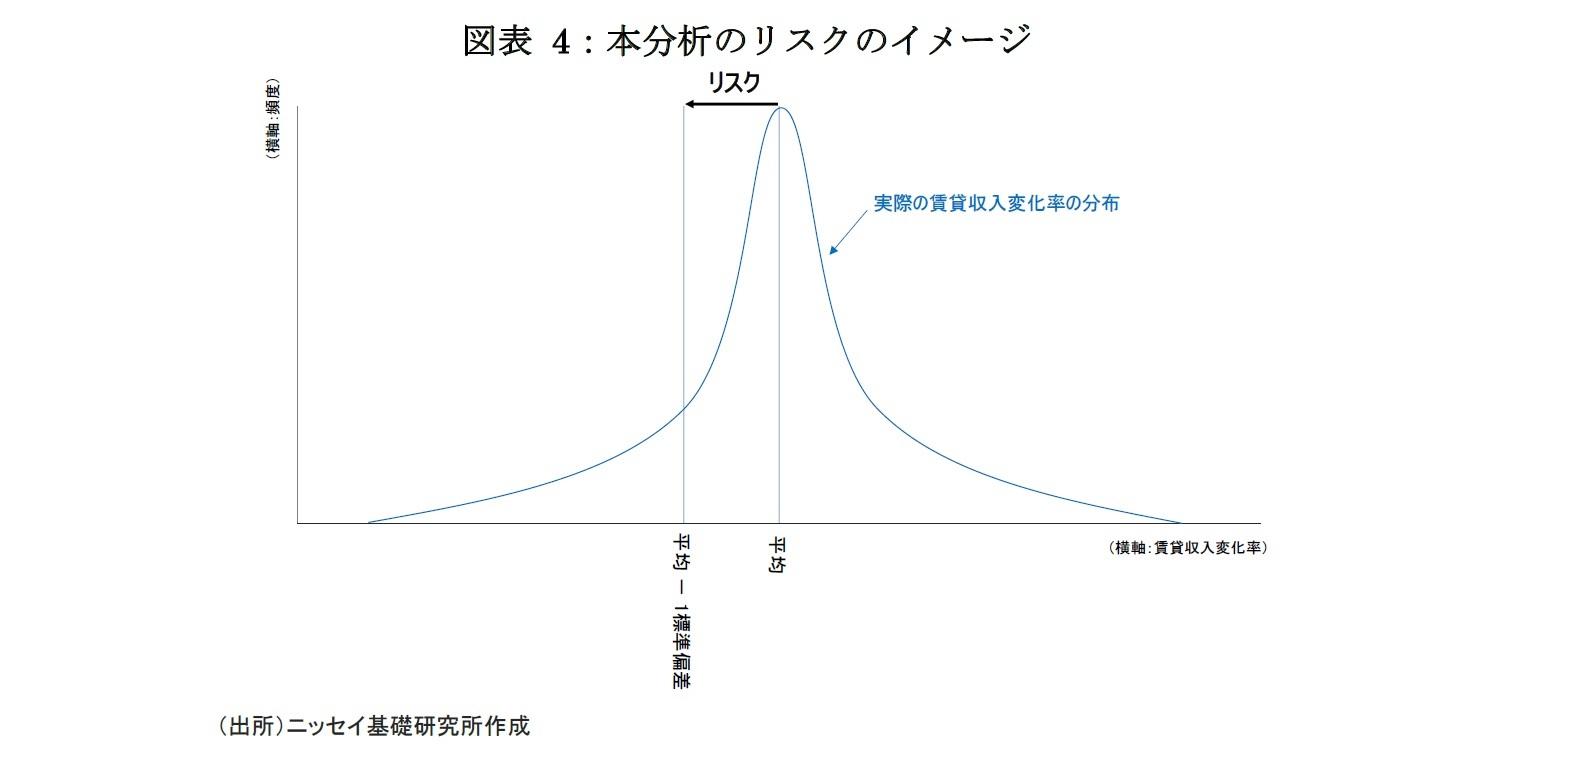 図表 4:本分析のリスクのイメージ